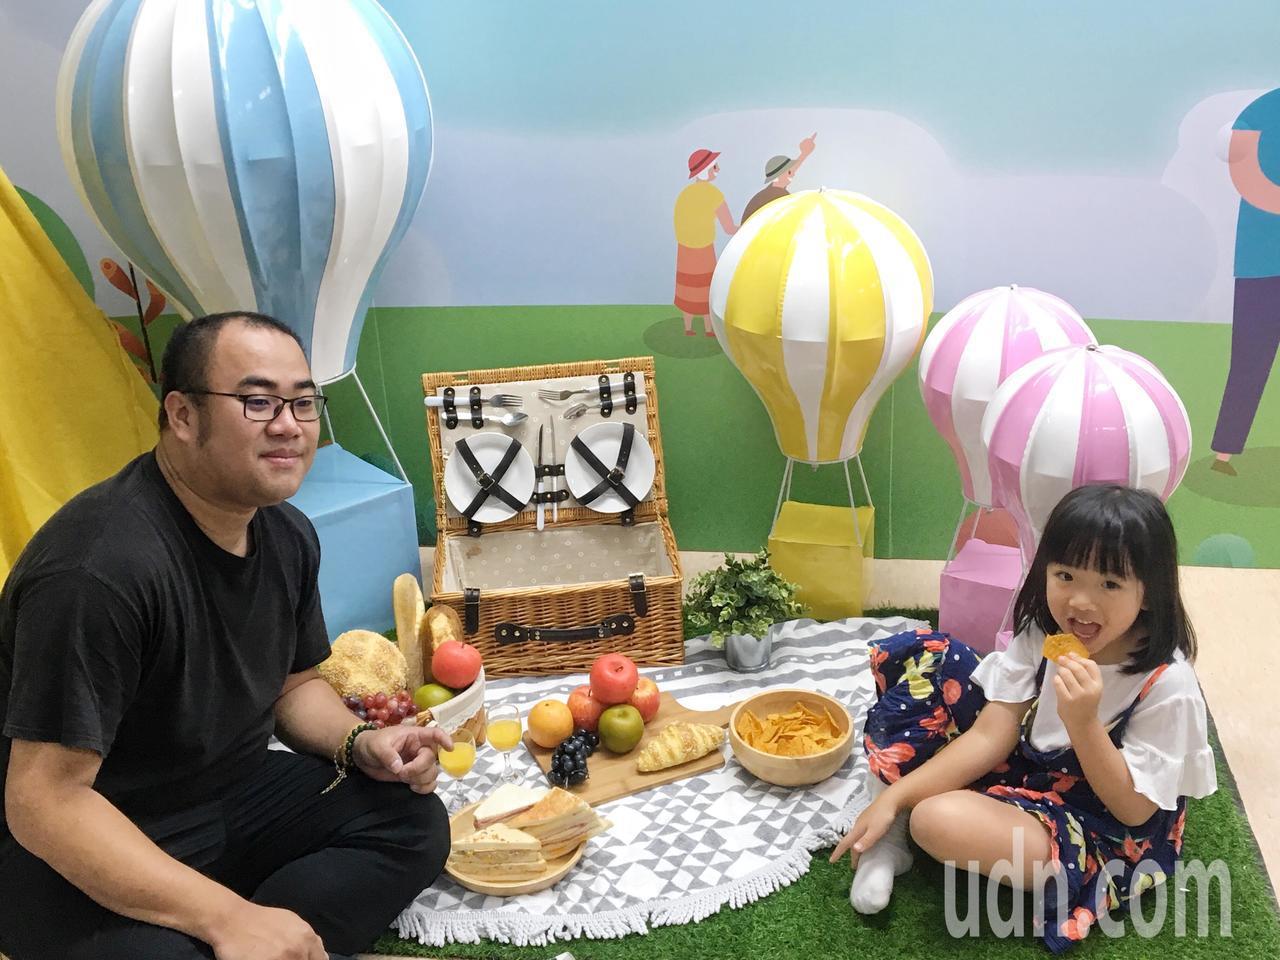 活動當天有熱氣球體驗、園遊會和闖關活動,適合親子同樂。記者郭頤/攝影